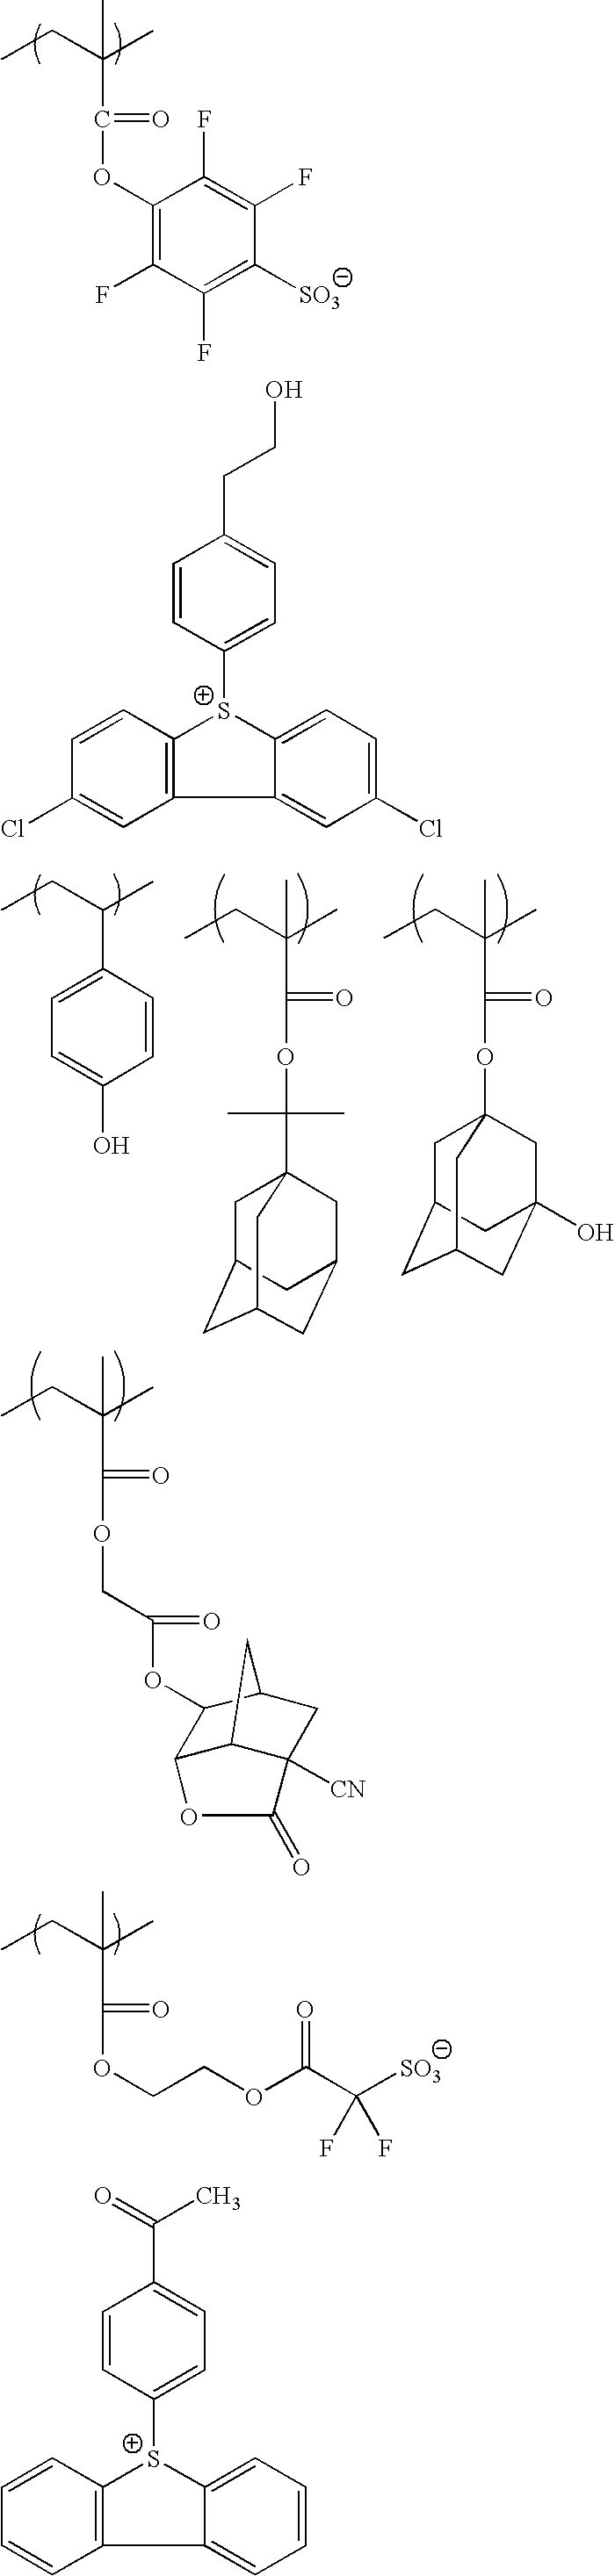 Figure US20100183975A1-20100722-C00203